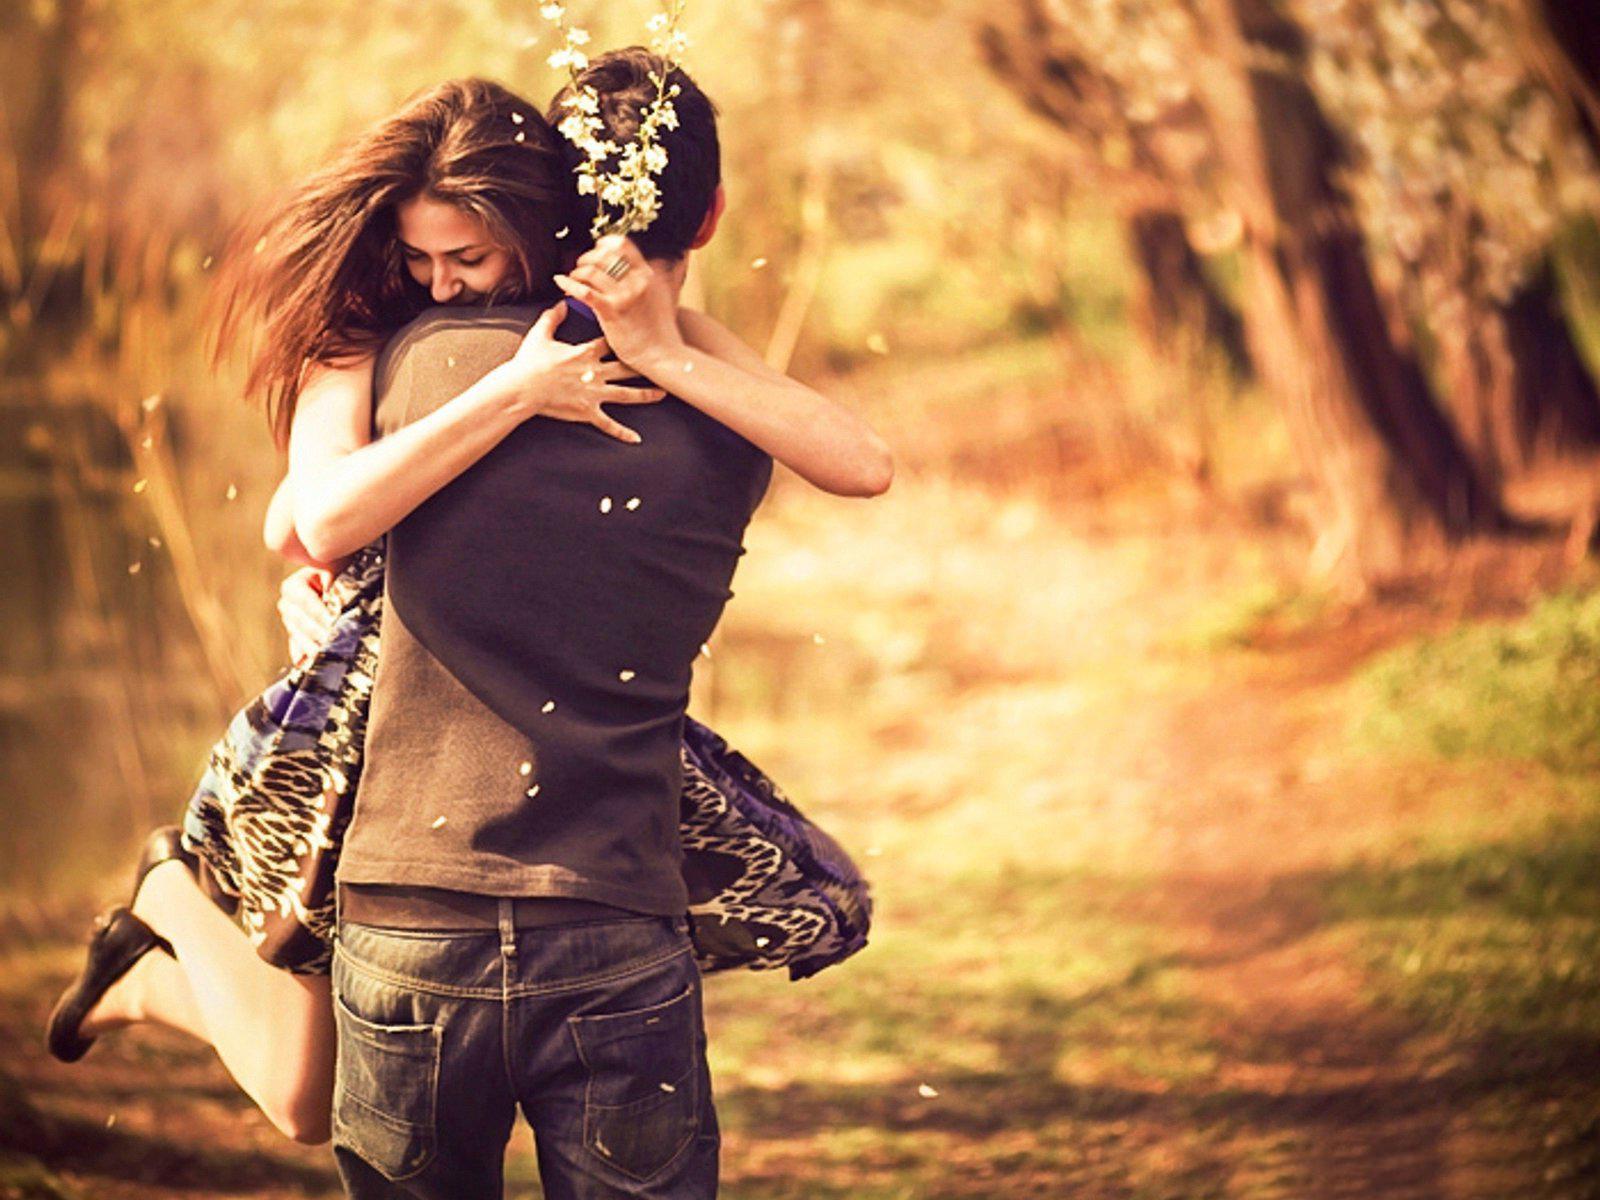 romantic wallpaper hd cutewallpaper top beautiful cute romantic love